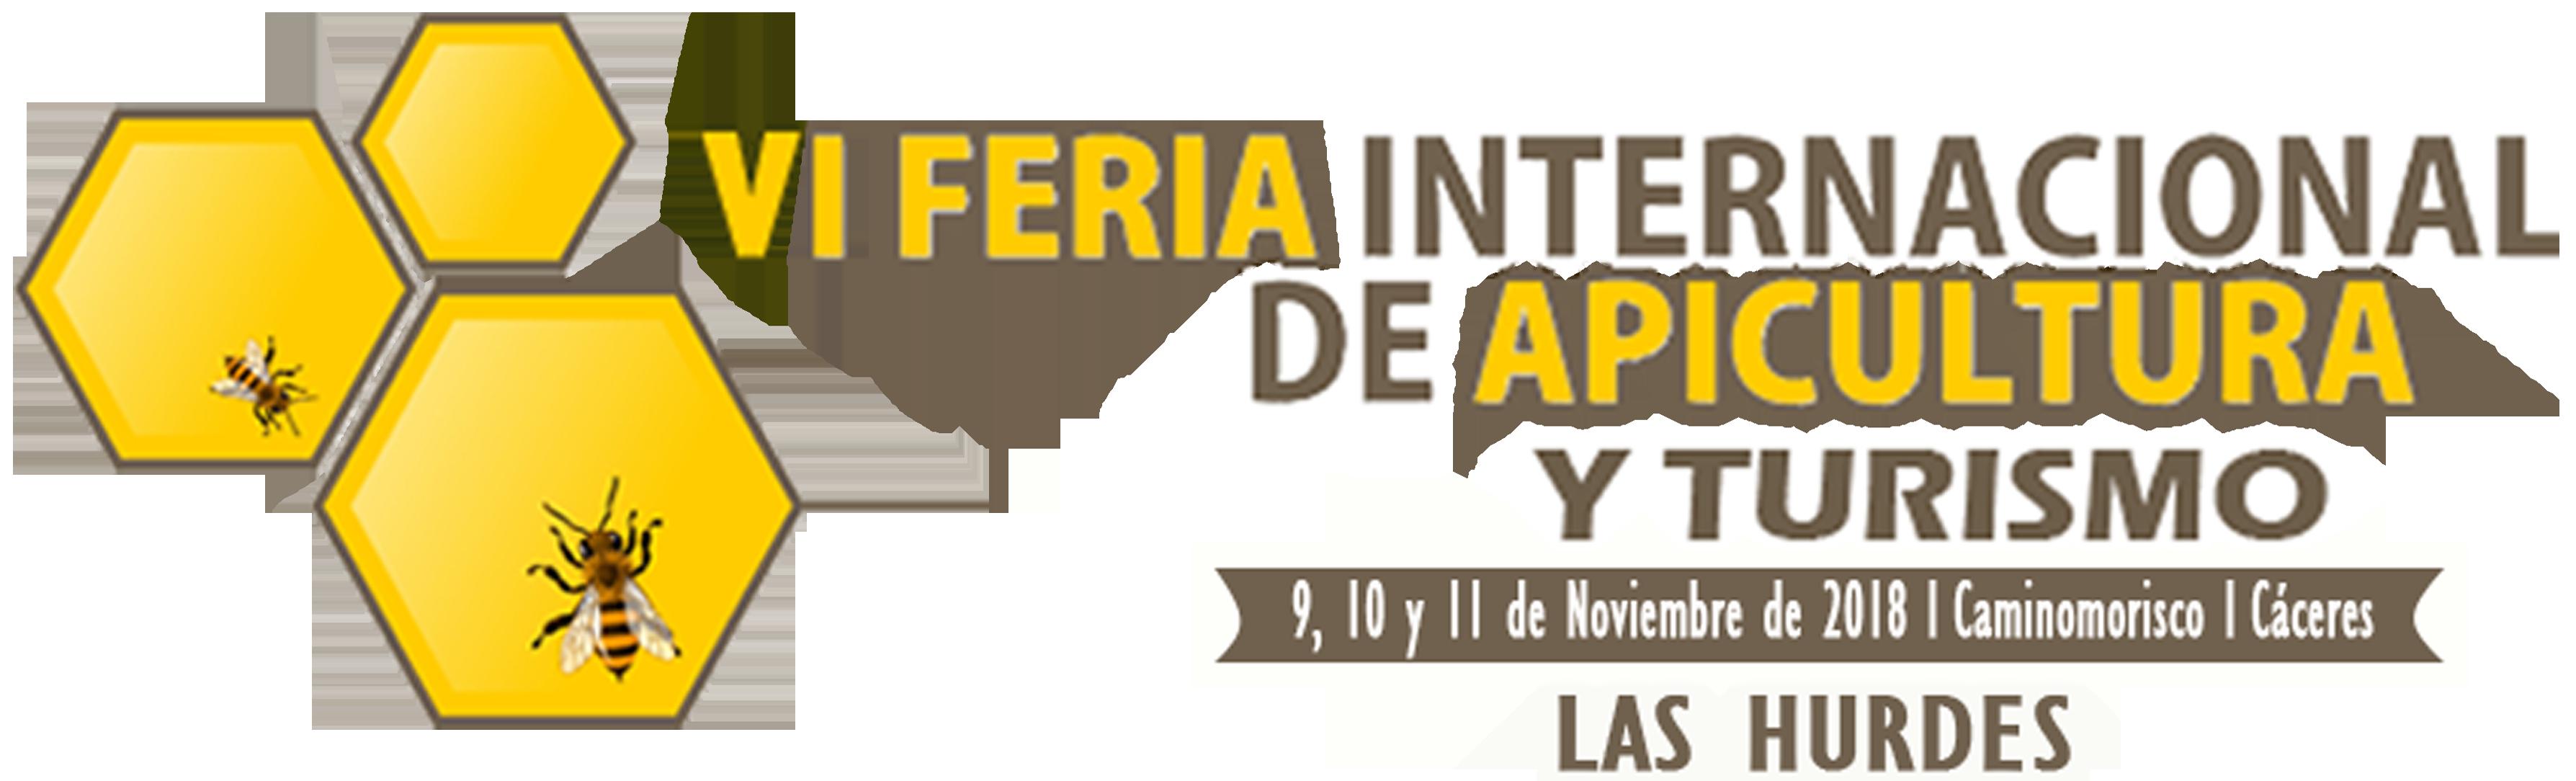 Feria de Apicultura y Turismo de Las Hurdes